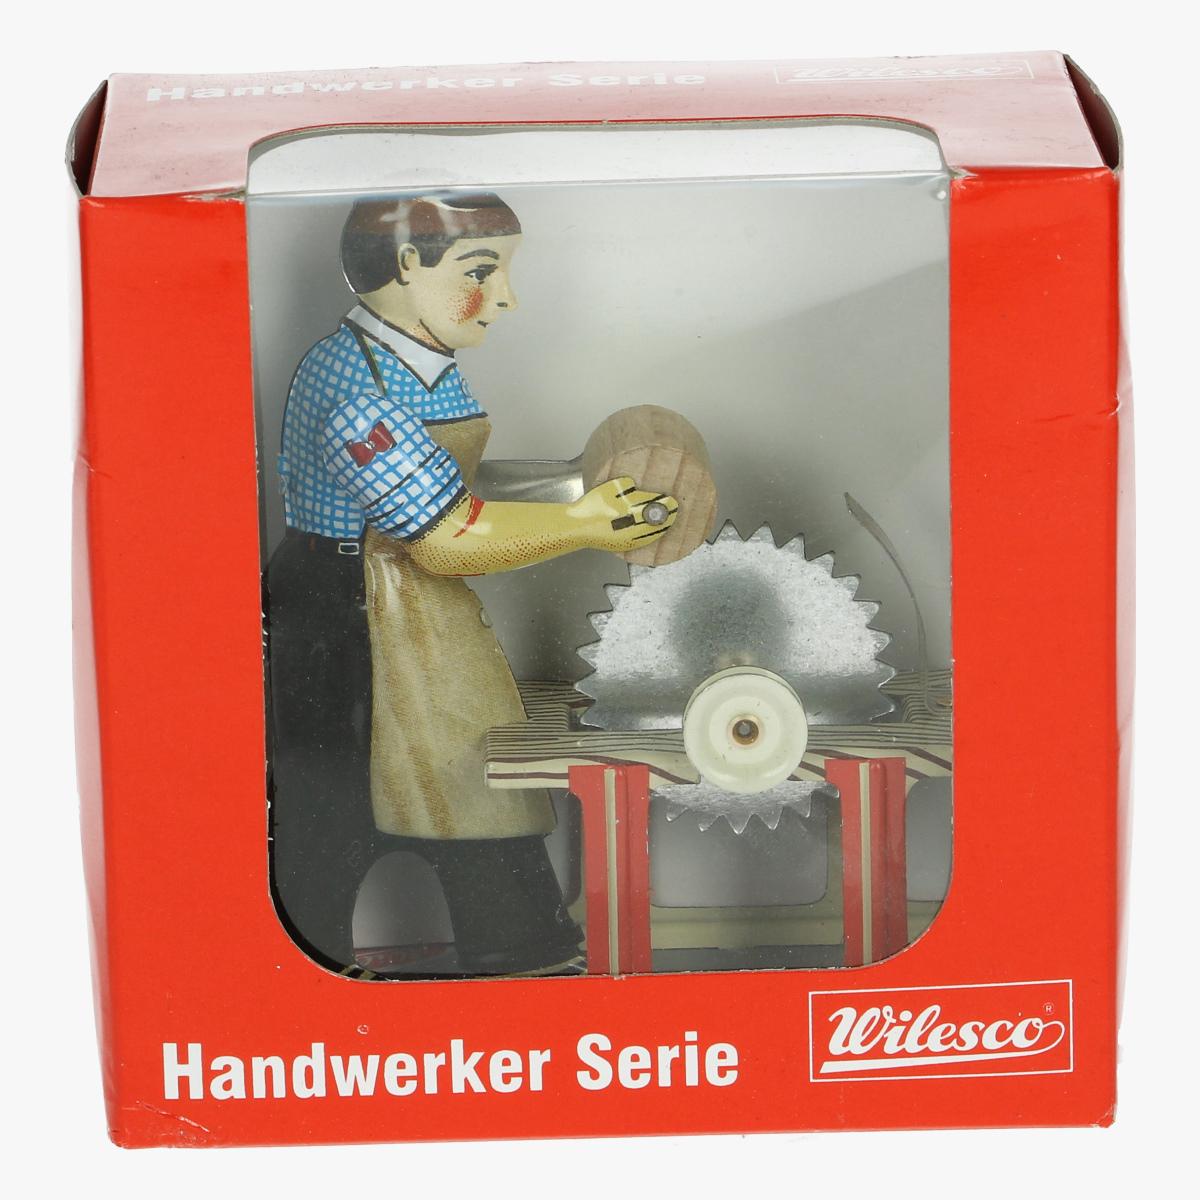 Afbeeldingen van blikken speelgoed handwerk serie wilesco